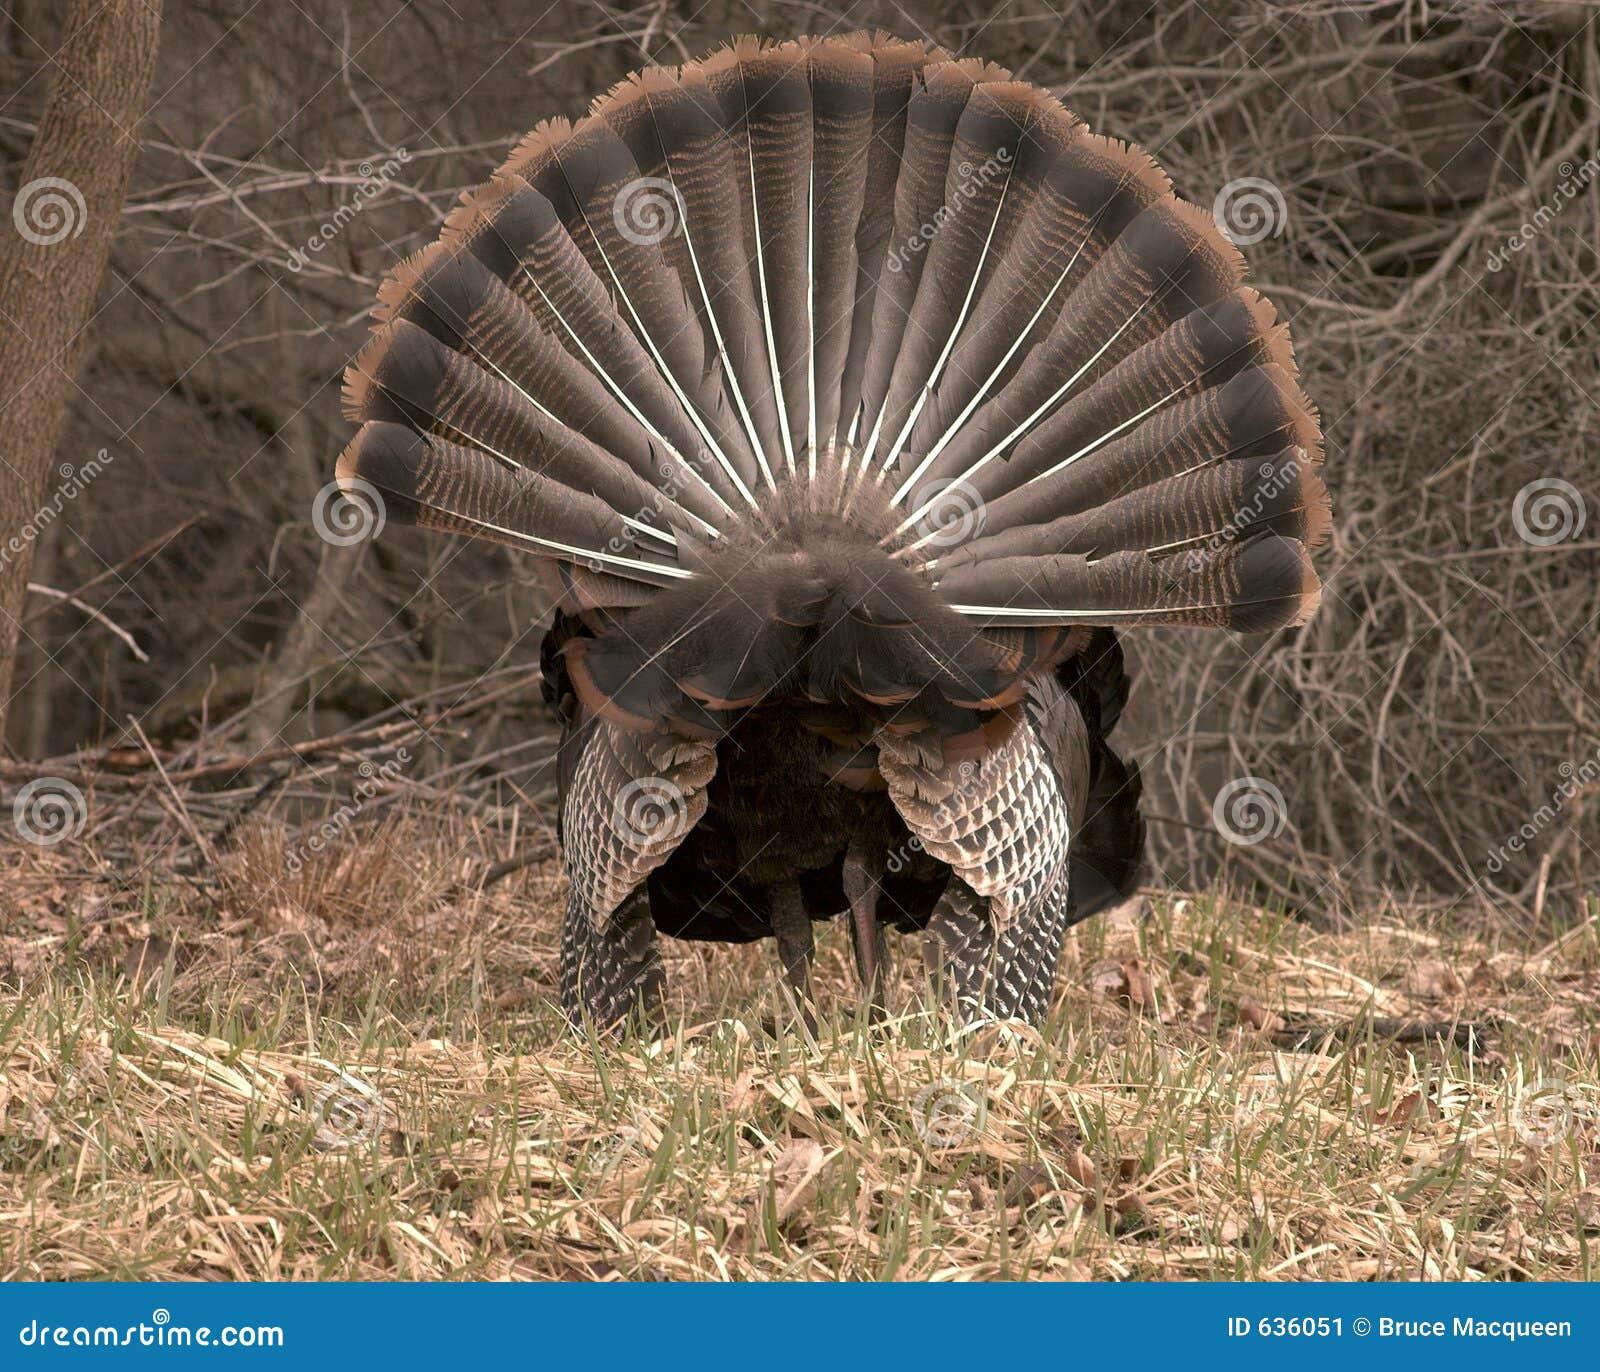 Rear View Turkey Strut